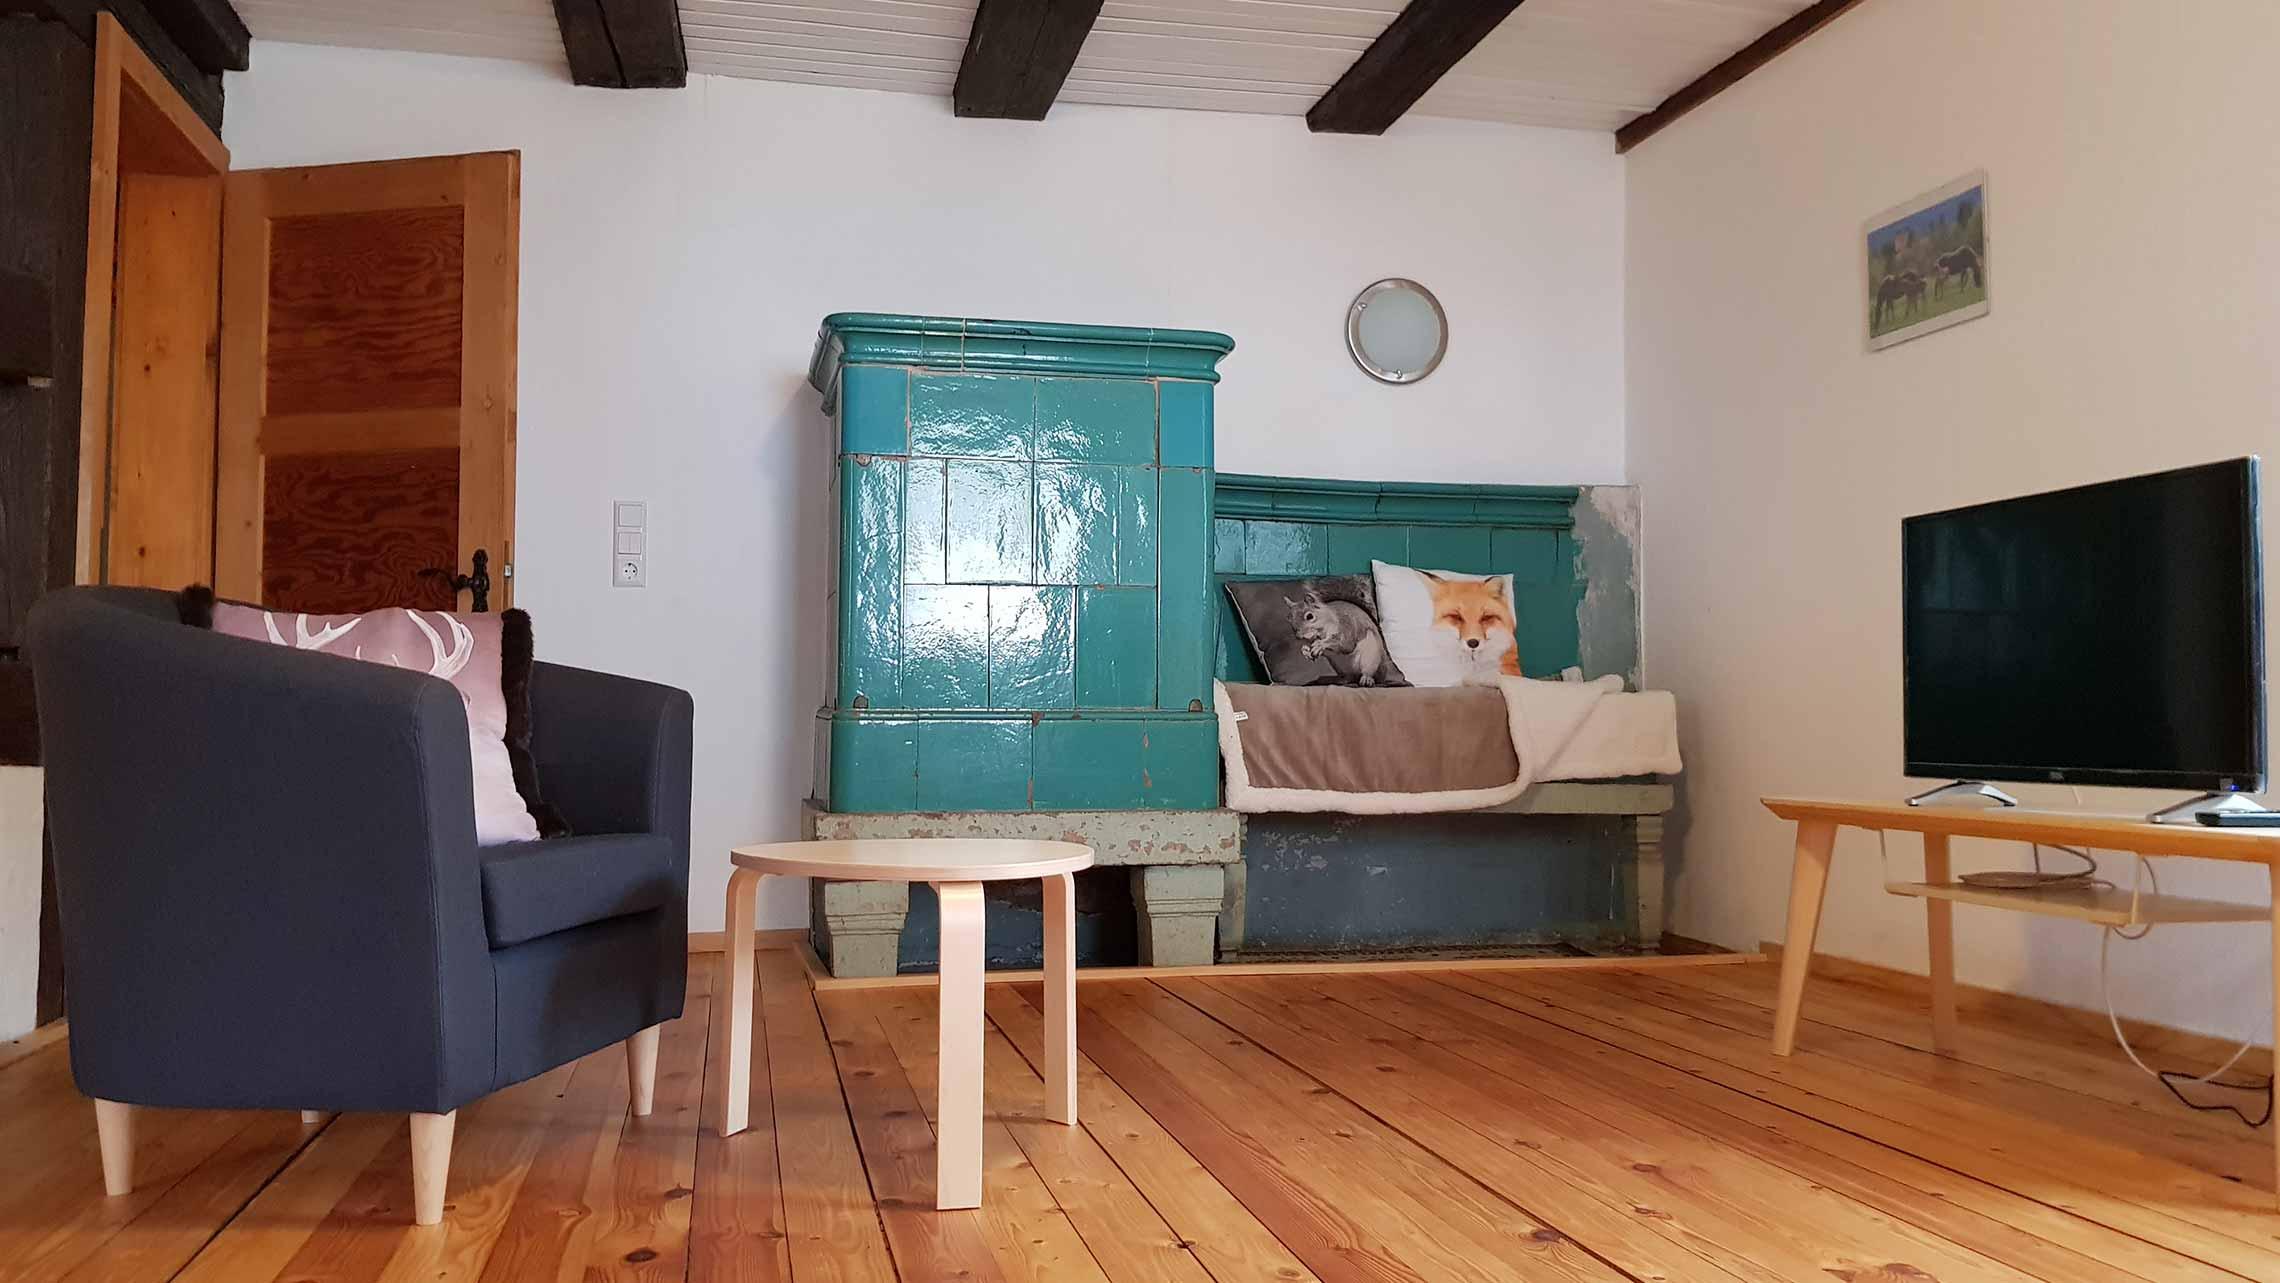 oelehof-akademie-ferienwohnung-laendliches-loft-wohnbereich-a